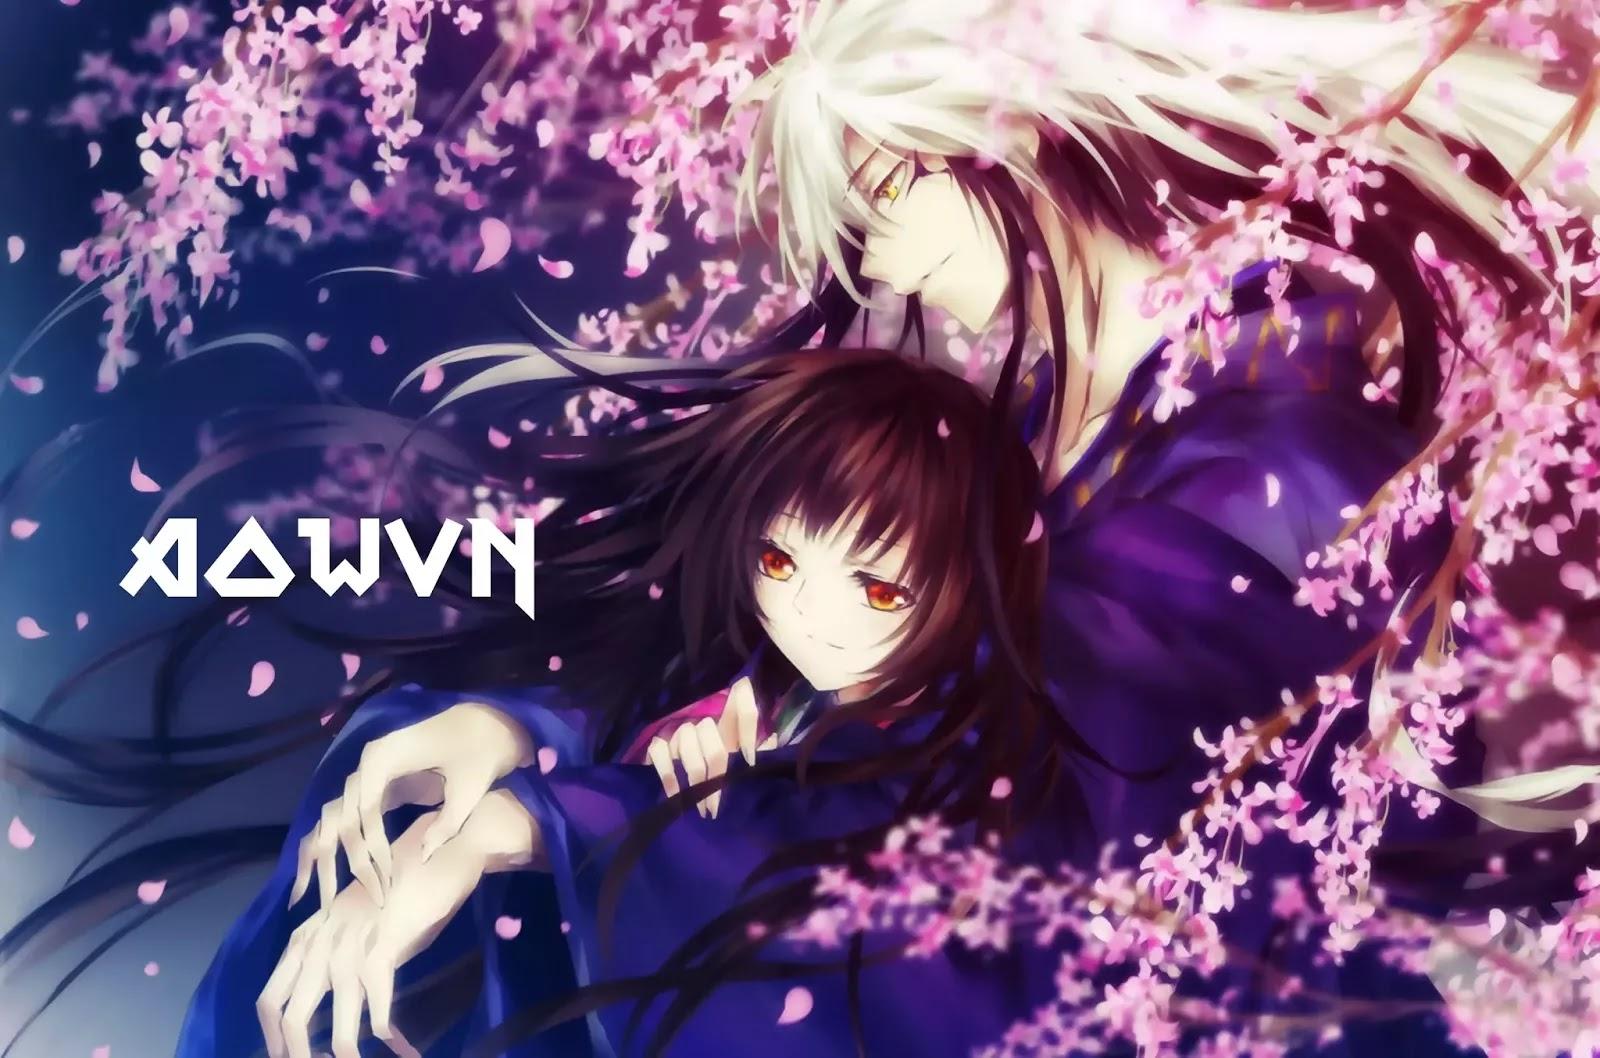 AowVN - [ Anime 3gp ] Nurarihyon No Mago: Sennen Makyou (Ss2) | Vietsub – Bách quỷ dạ hành 2